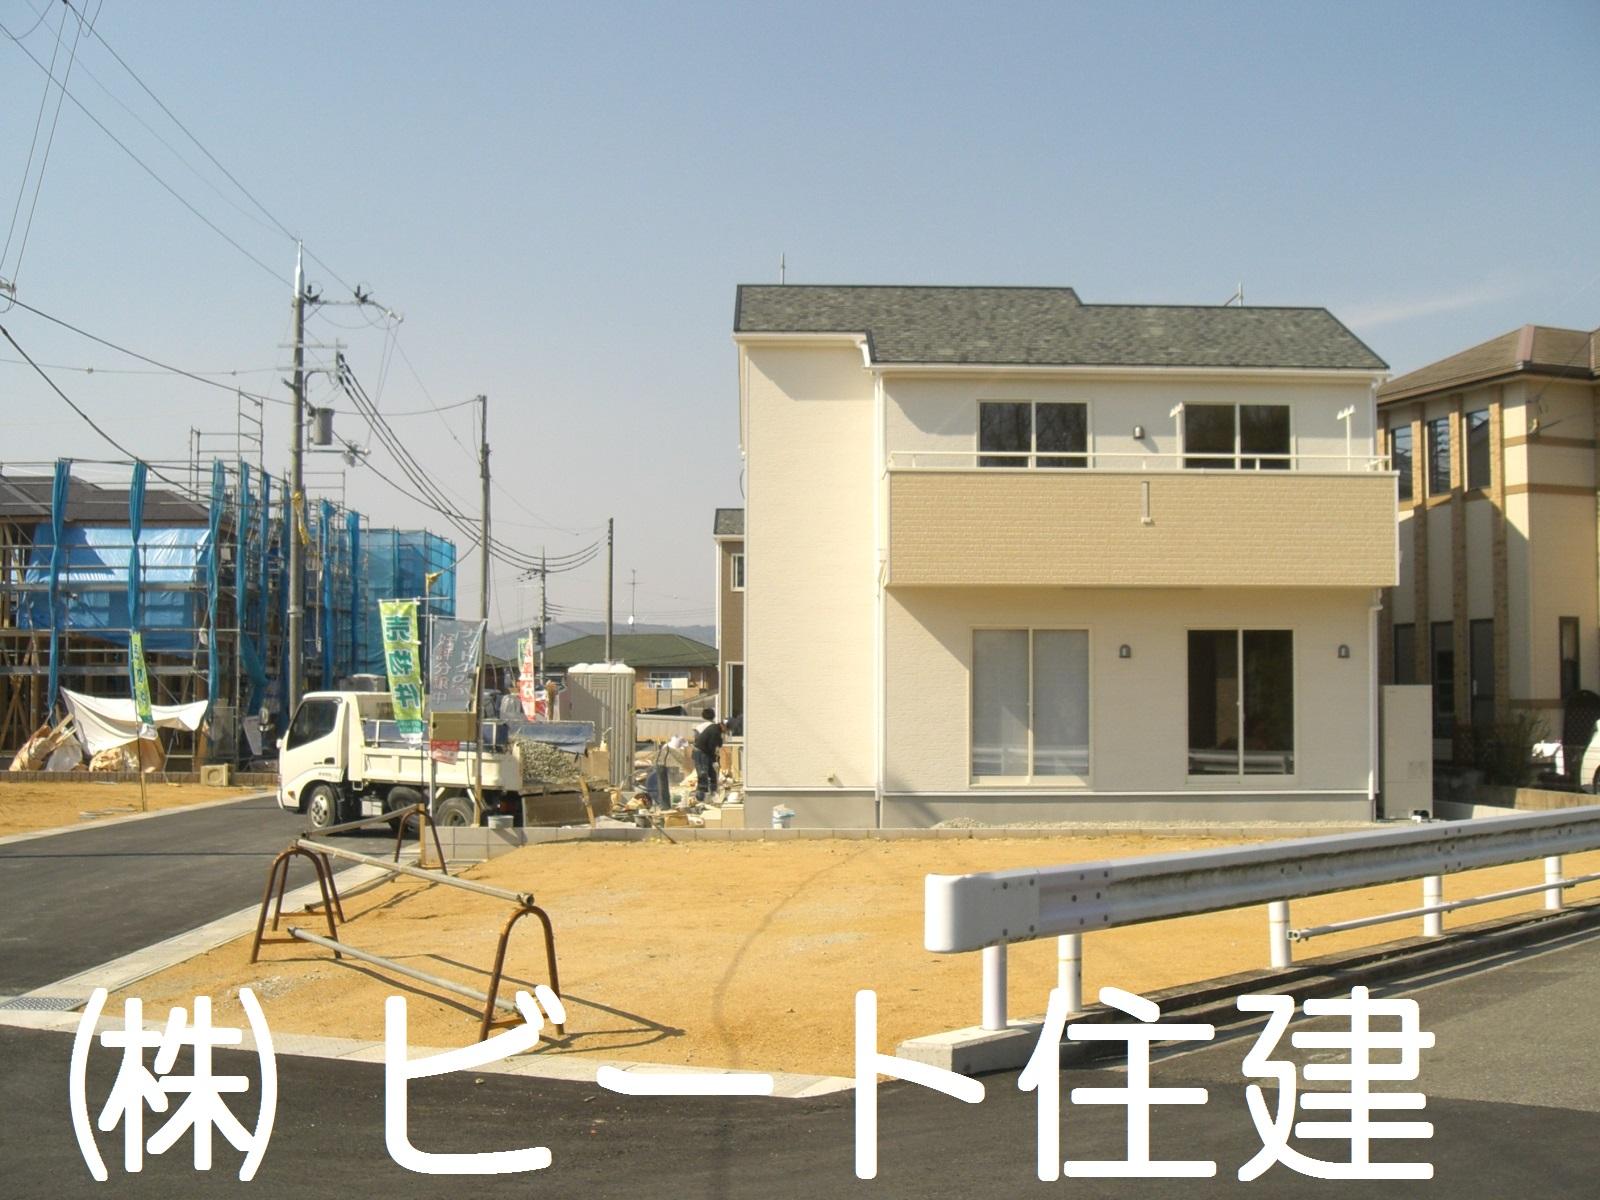 池部 新築 建物 間もなく完成です。